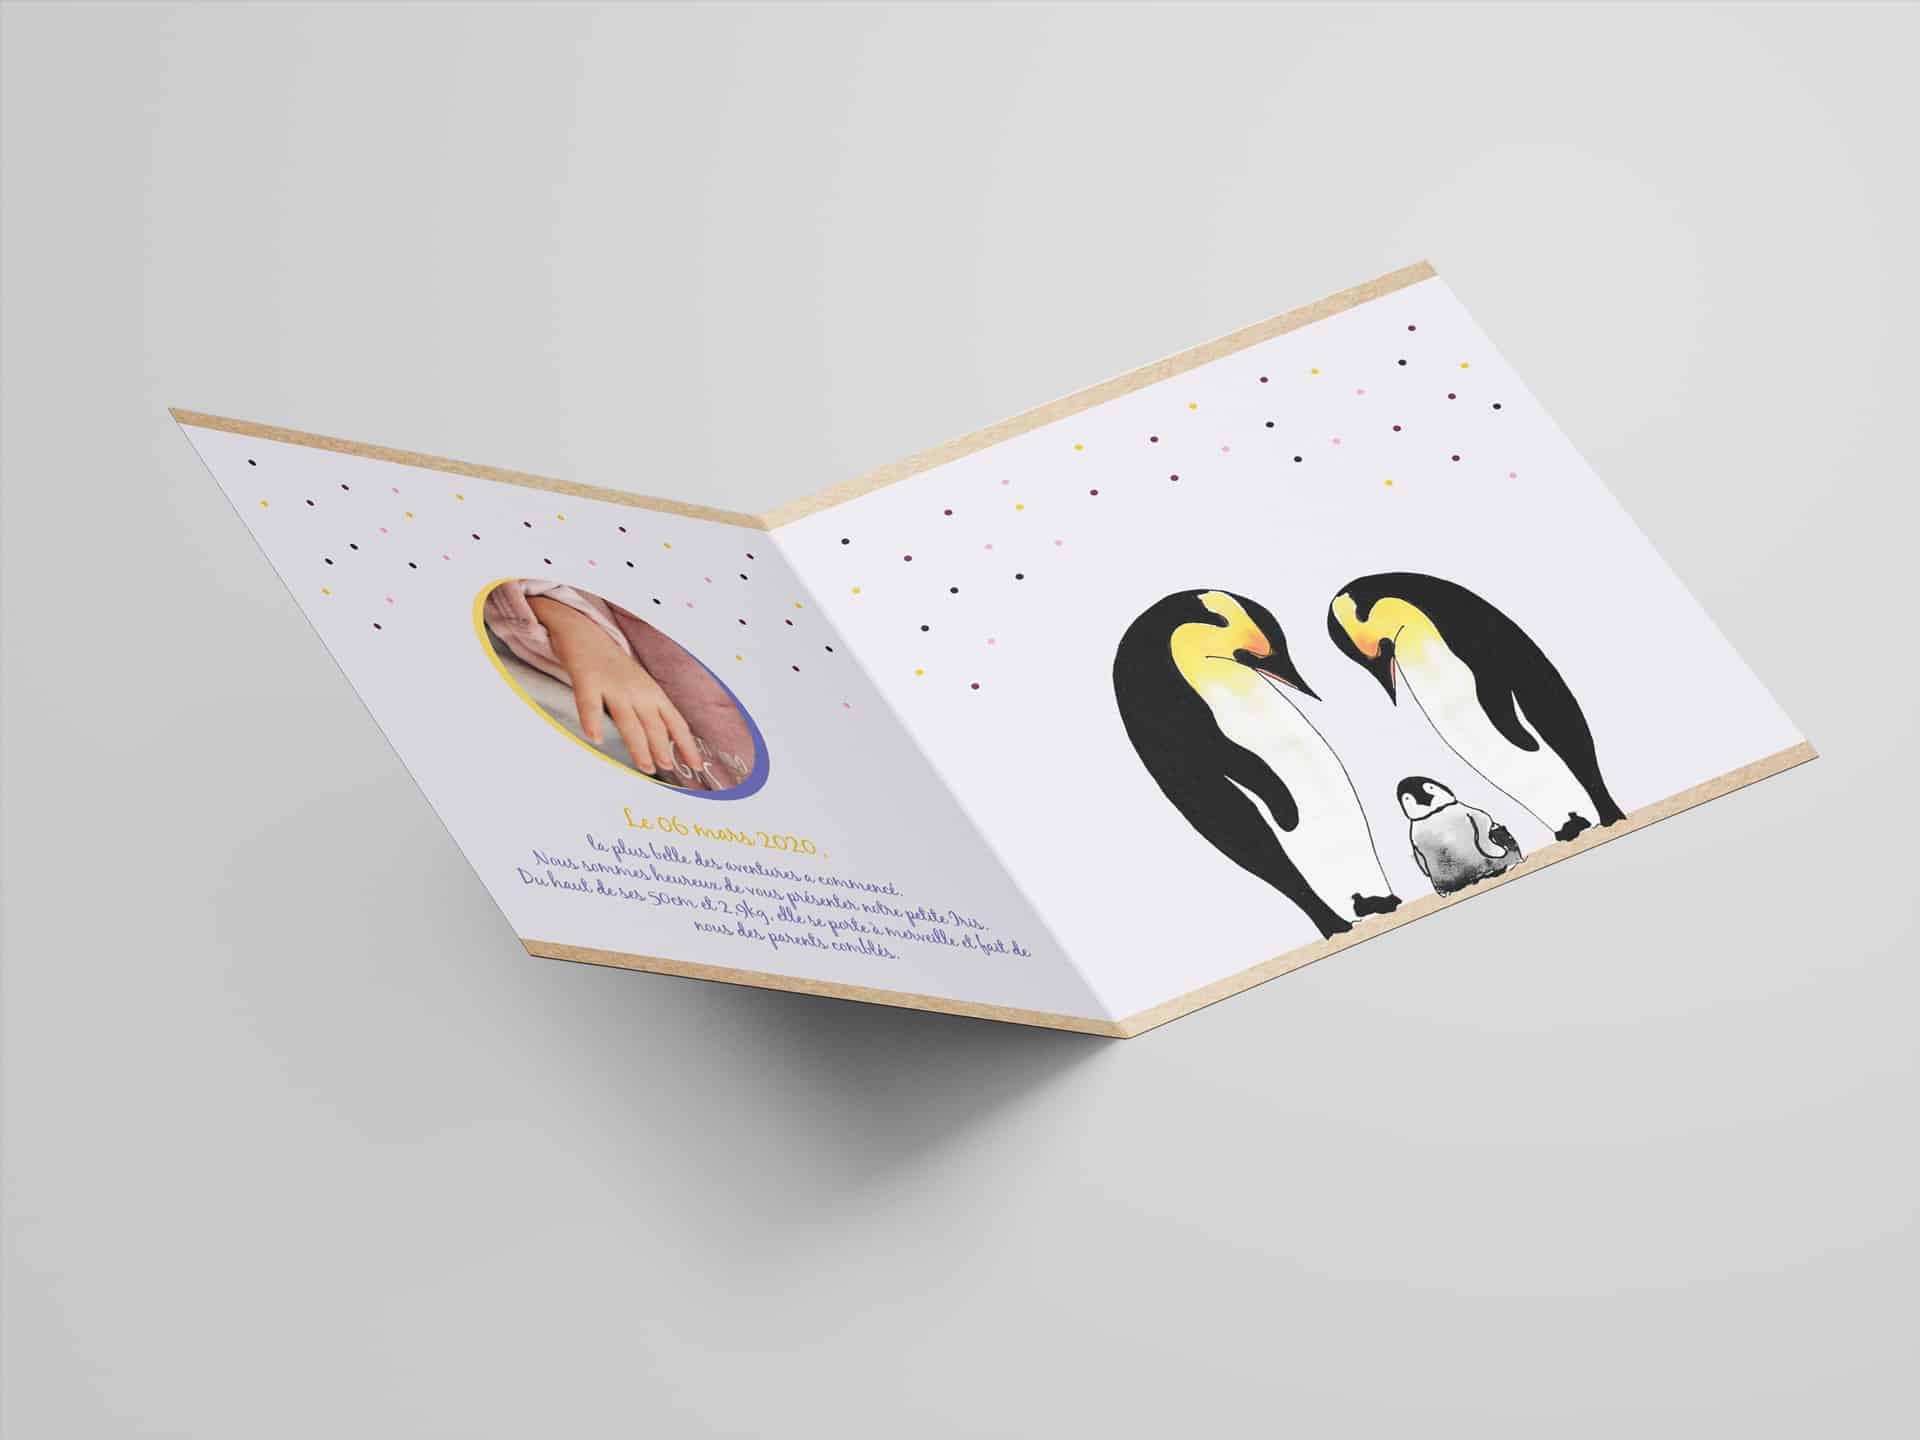 Faire-part de naissance & Mariages – Print design